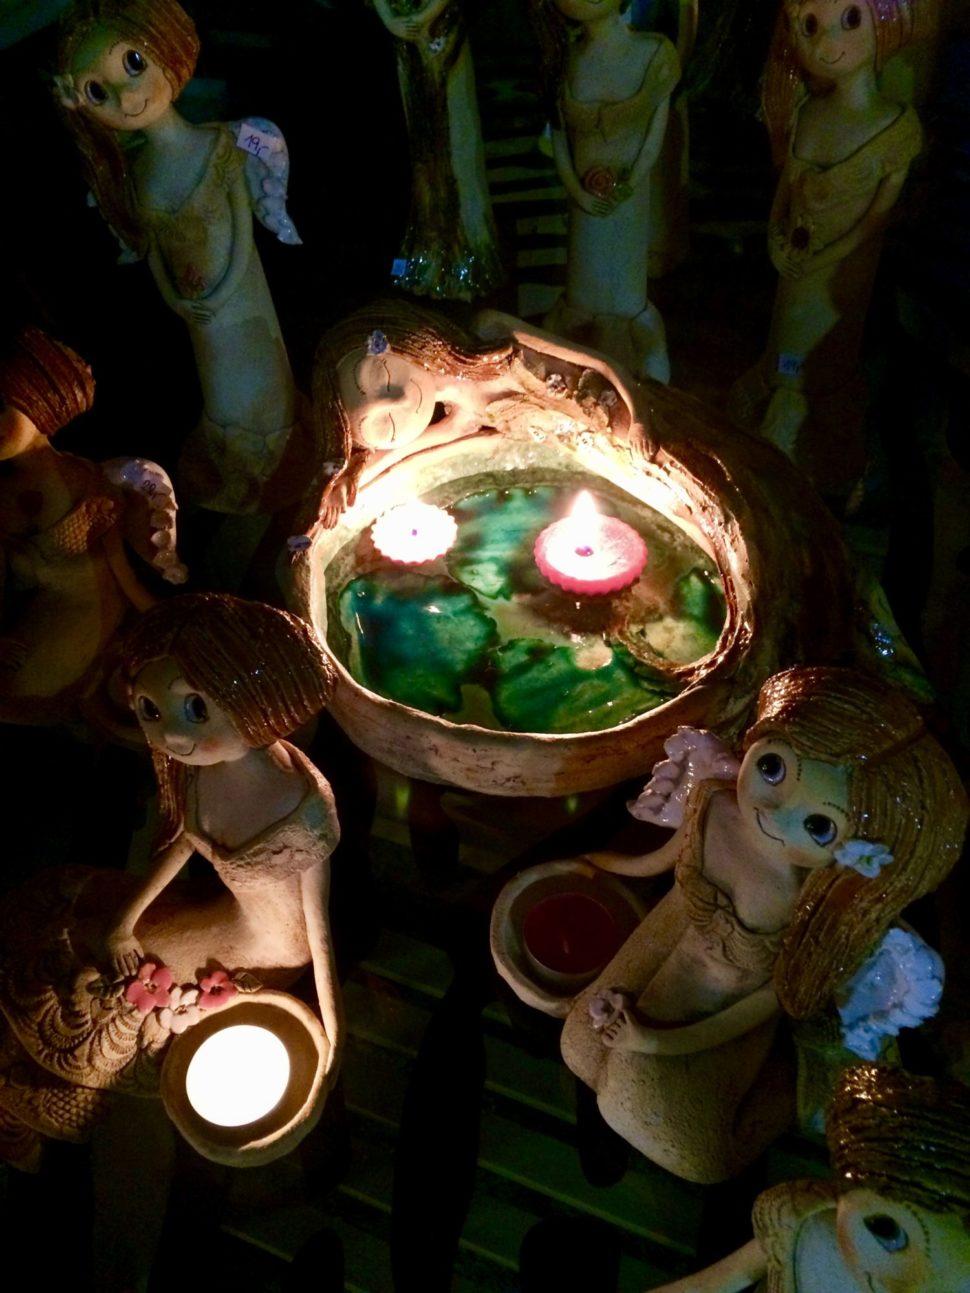 jezírko pítko svílou keramika andee